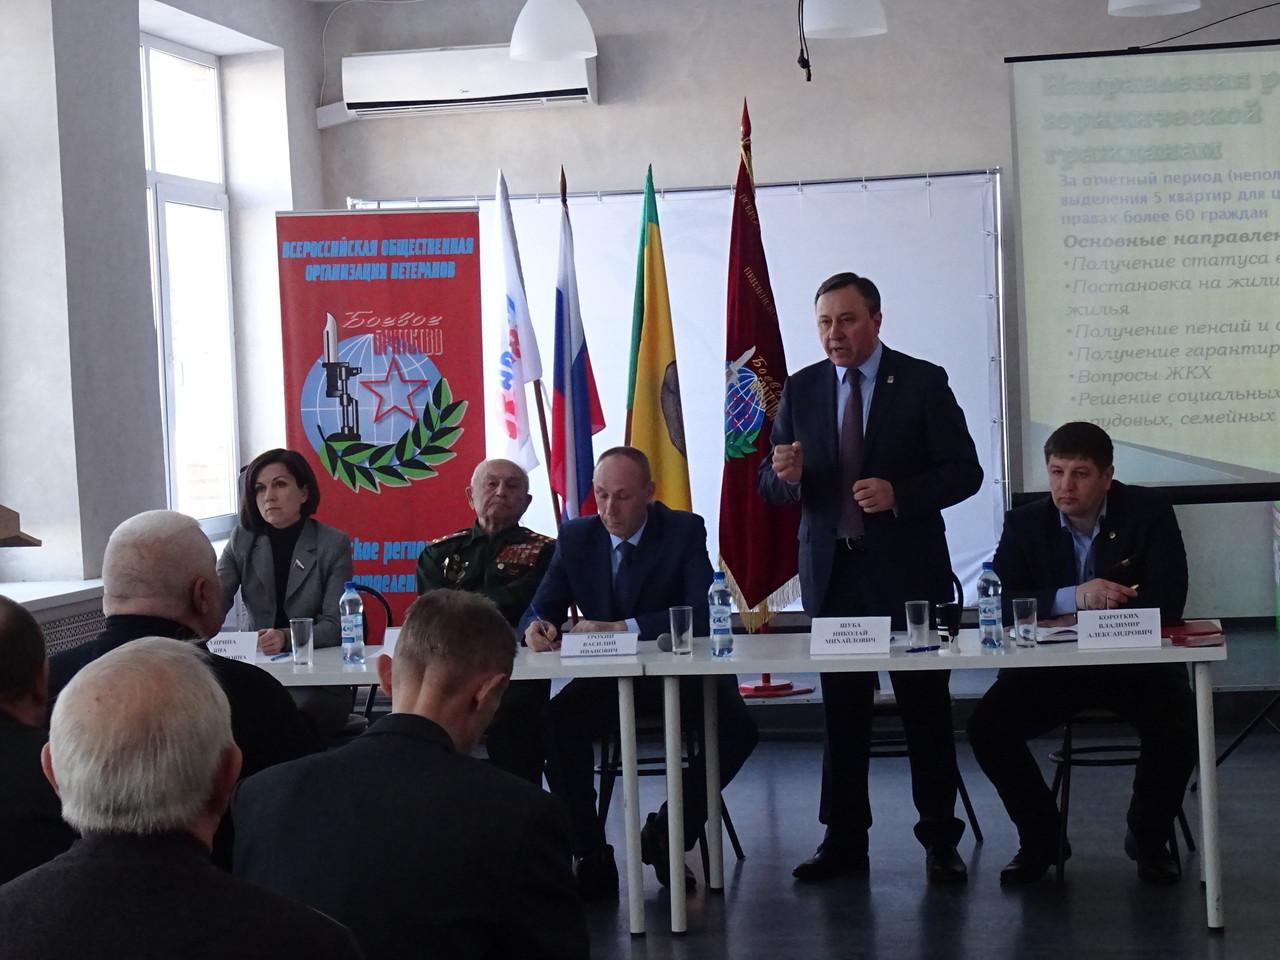 Боевое Братство собрало представителей всех ветеранских организаций Пензенской области, для информирования граждан.